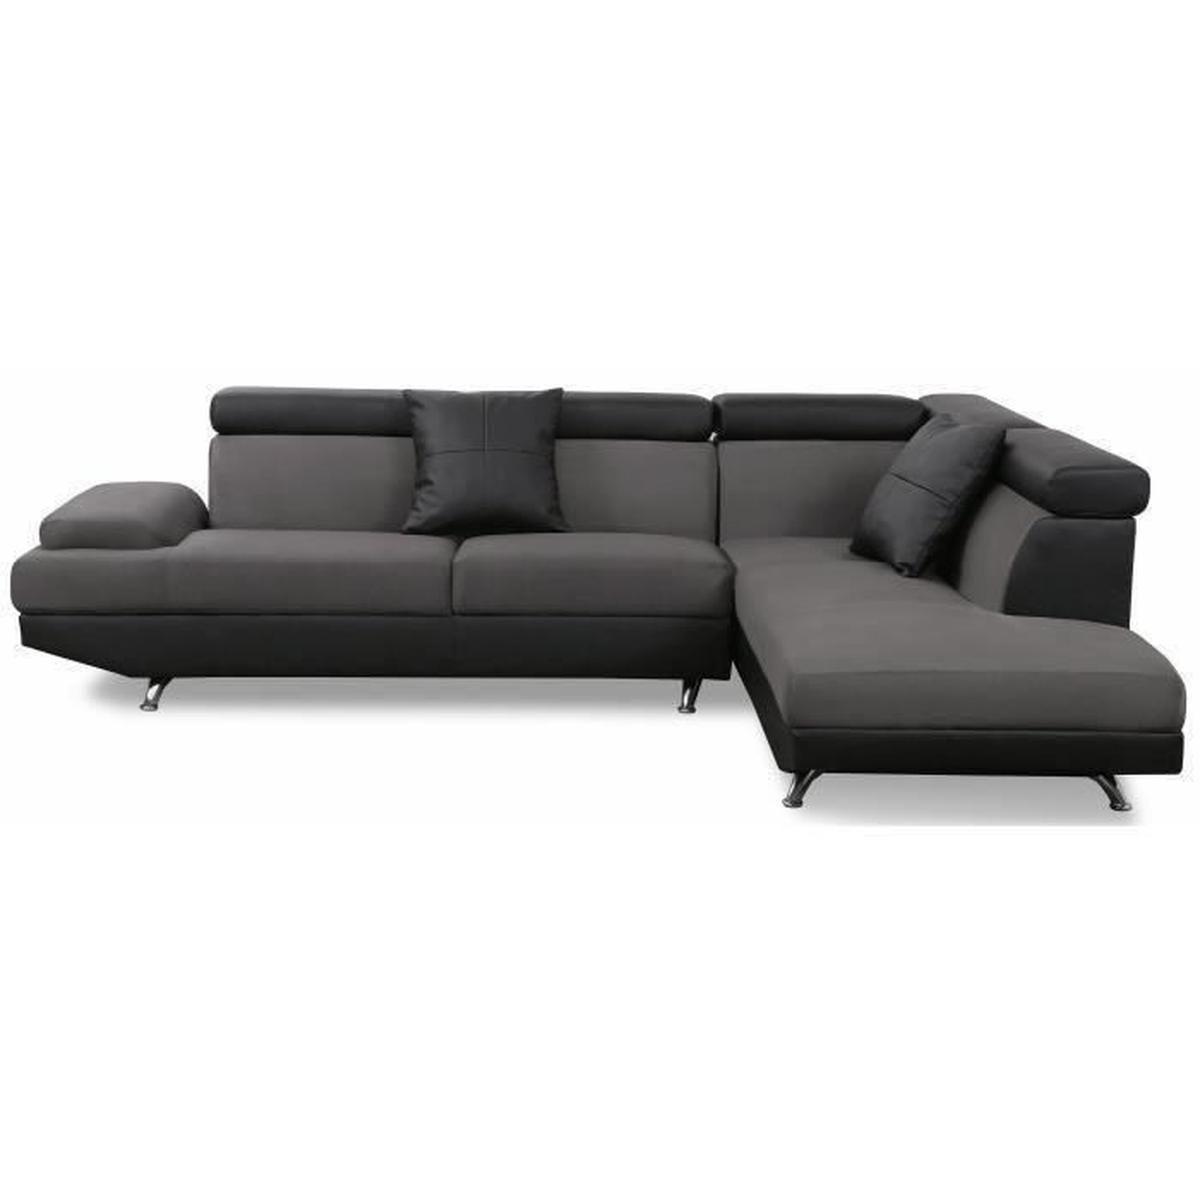 SCOOP Canapé d angle droit en simili et tissu 4 places